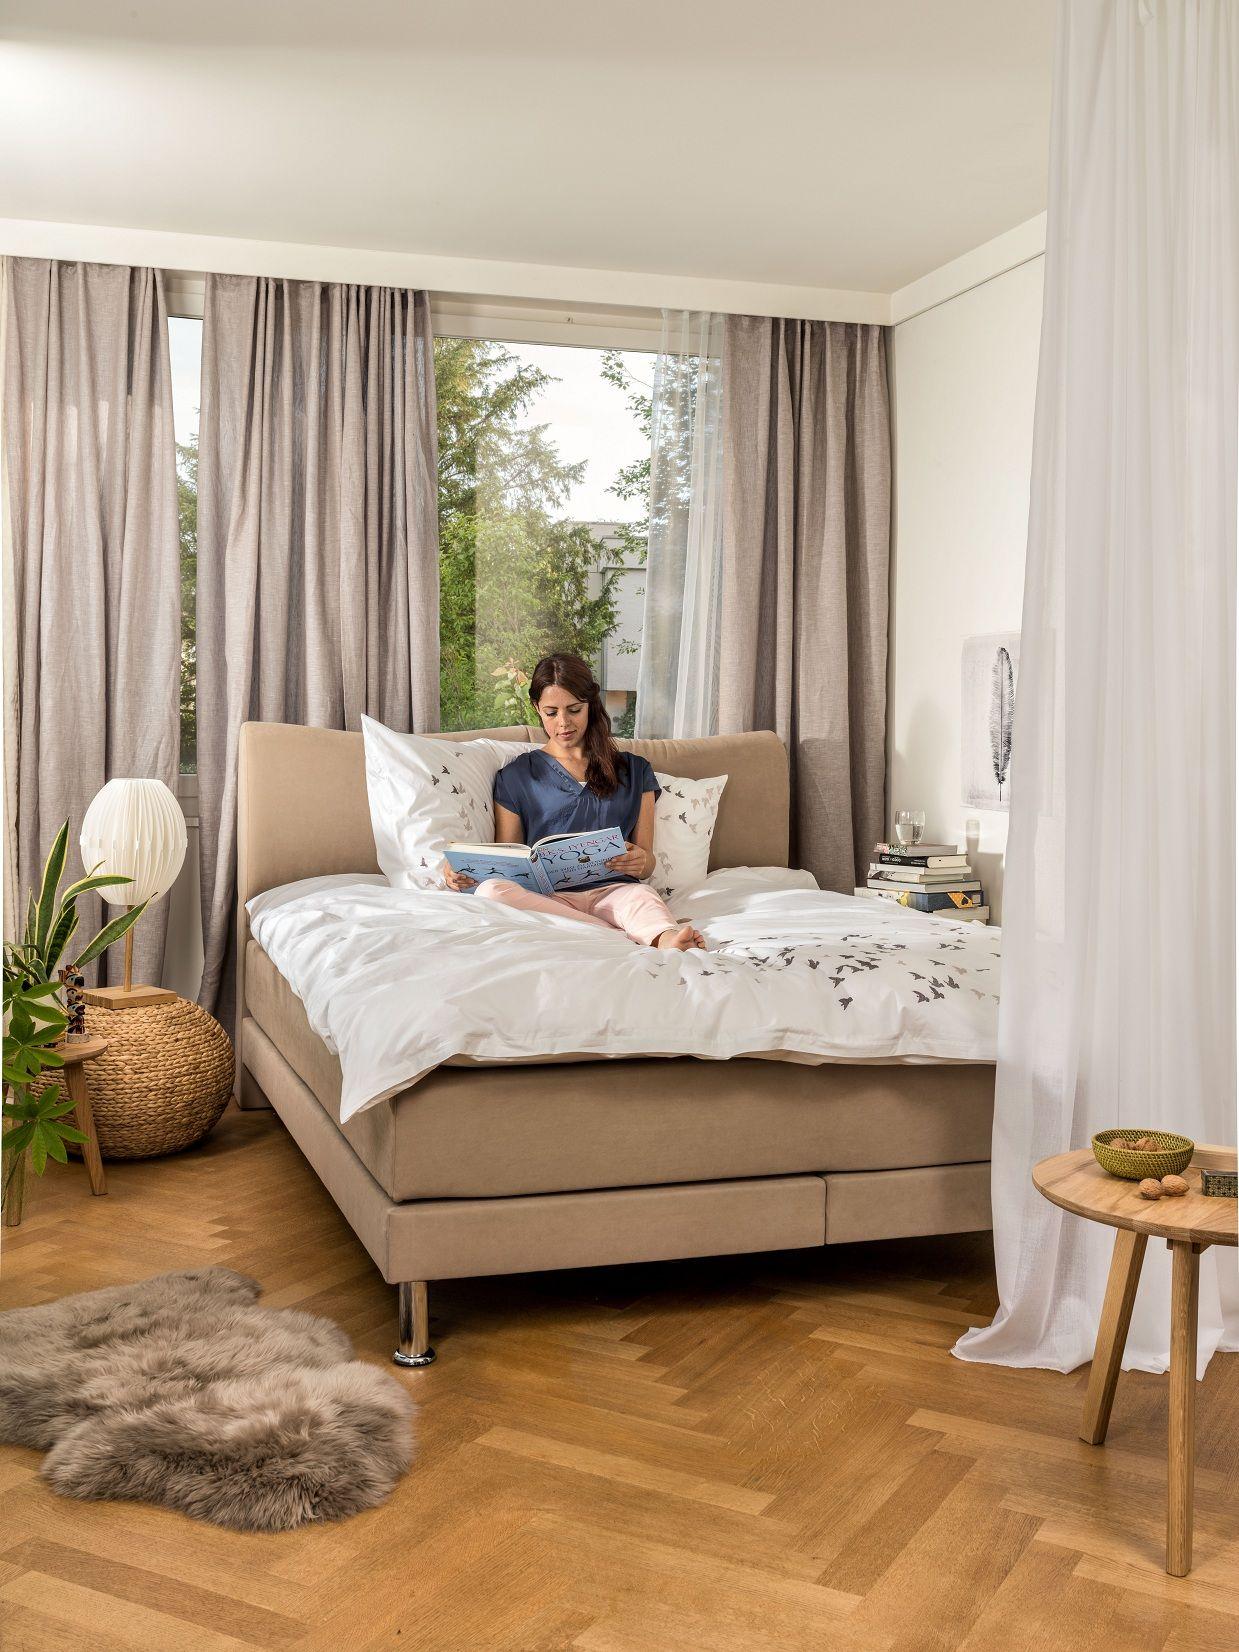 micasa schlafzimmer mit bett oakline wild | micasa schlafen